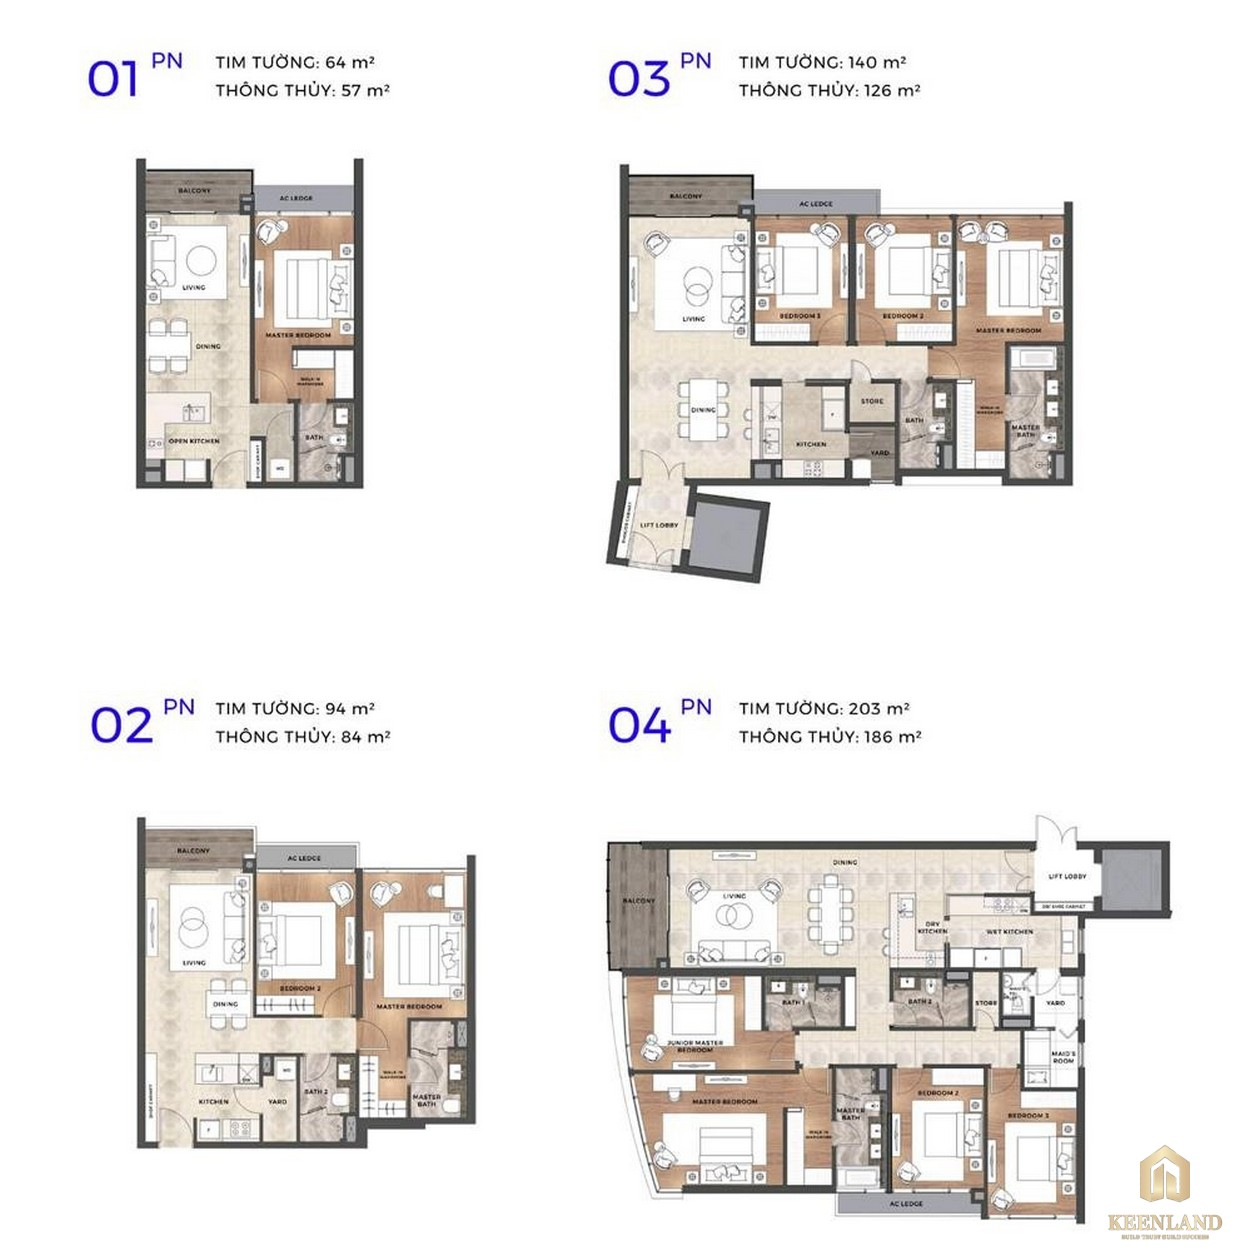 Thiết kế các loại căn hộ dự án THE RIVER